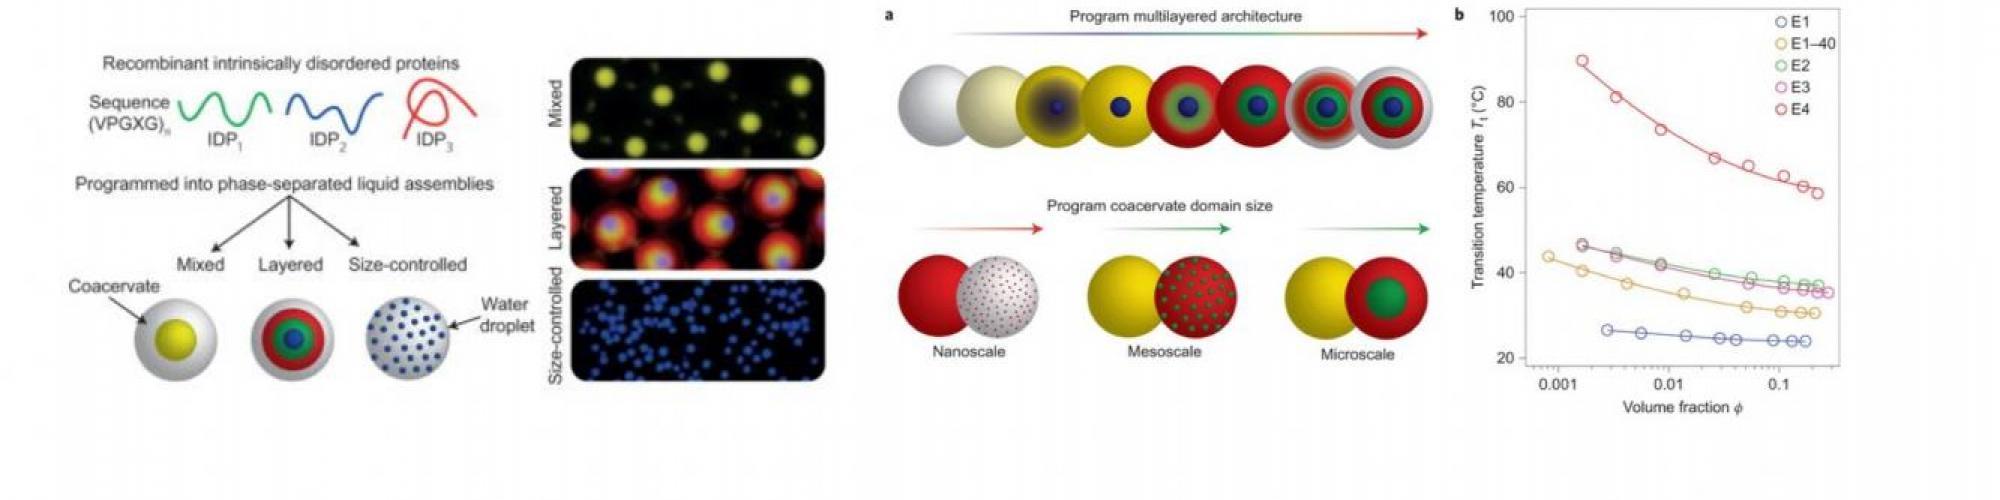 Programming molecular self-assembly